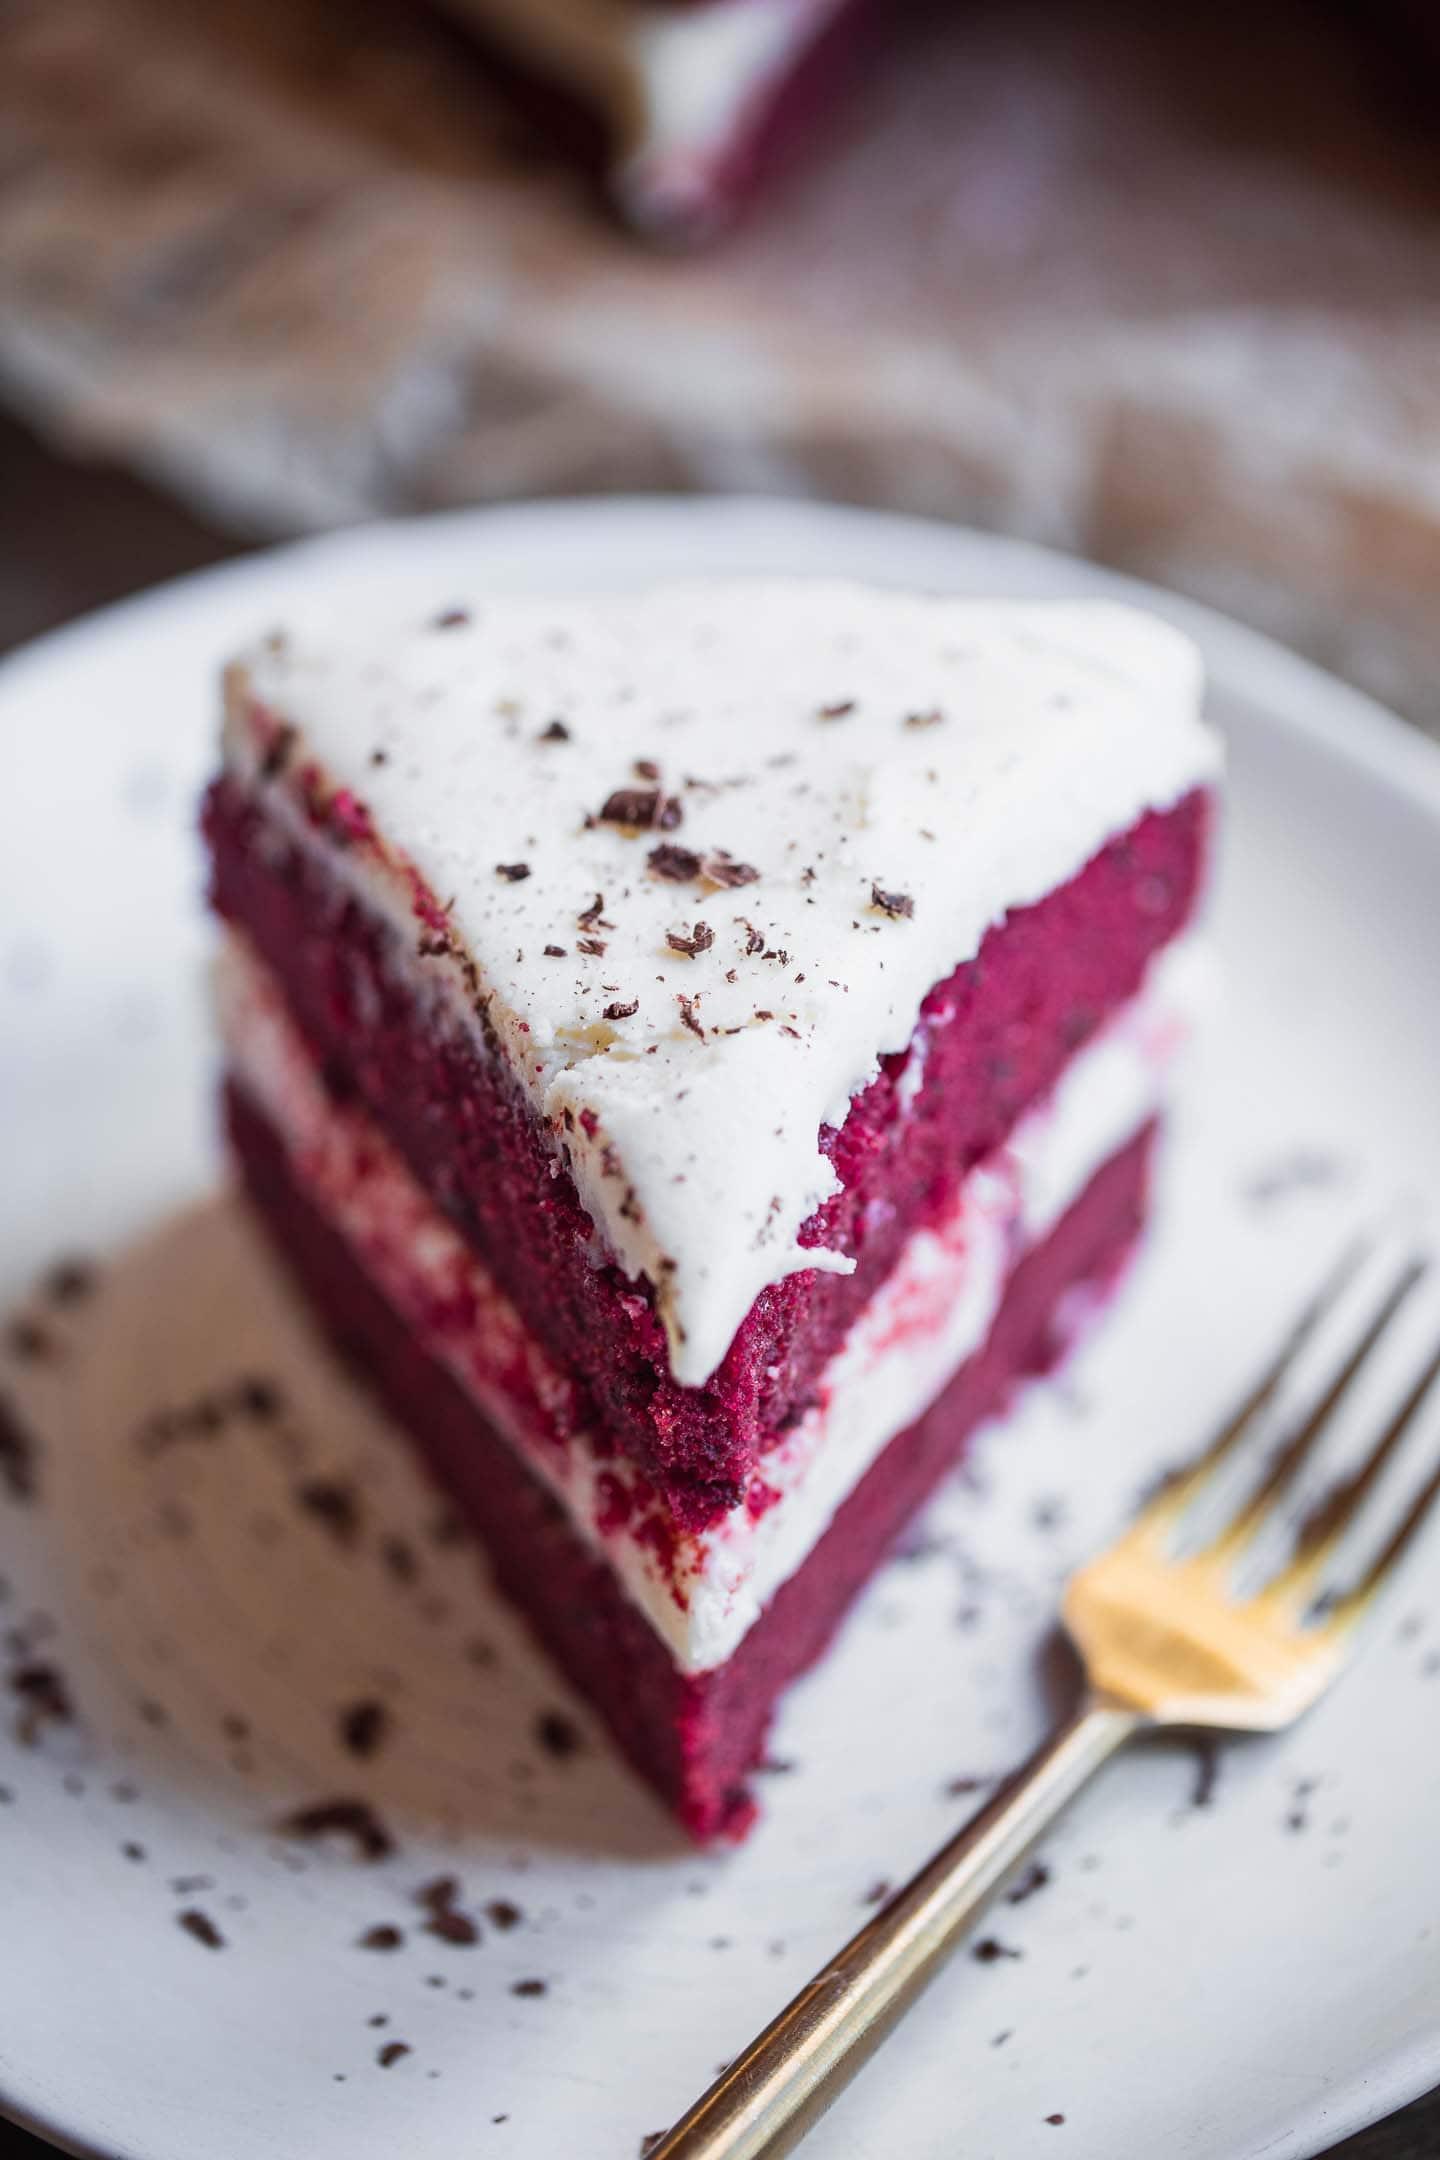 Vegan red velvet cake on a plate